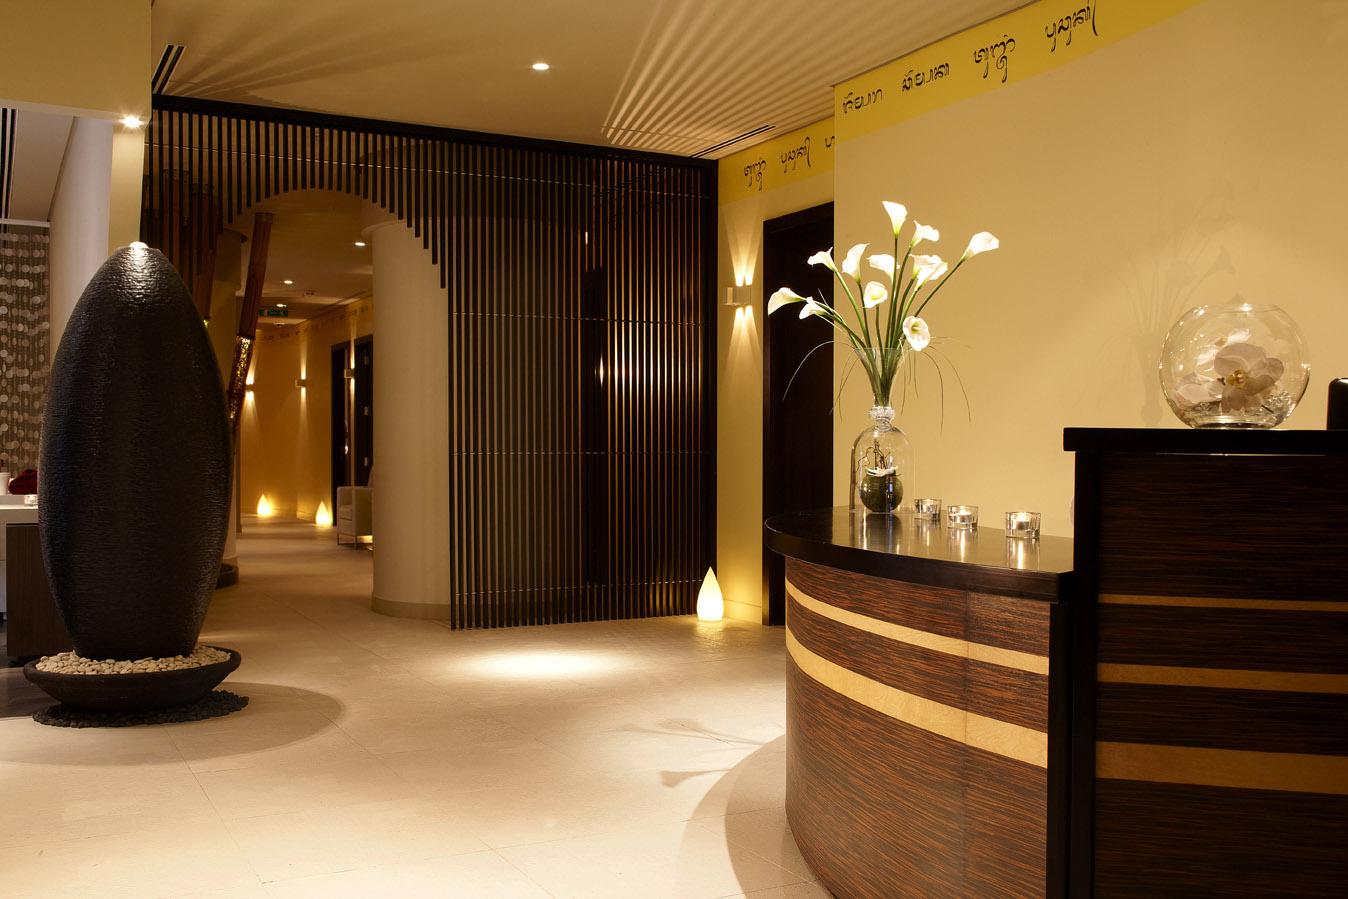 plaza lefant massage hotel near Asian